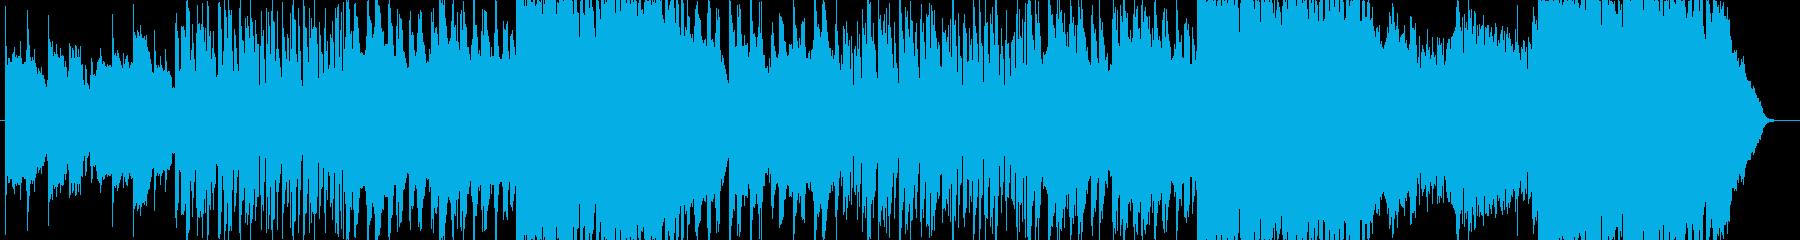 ほのぼのとした癒し系の曲の再生済みの波形